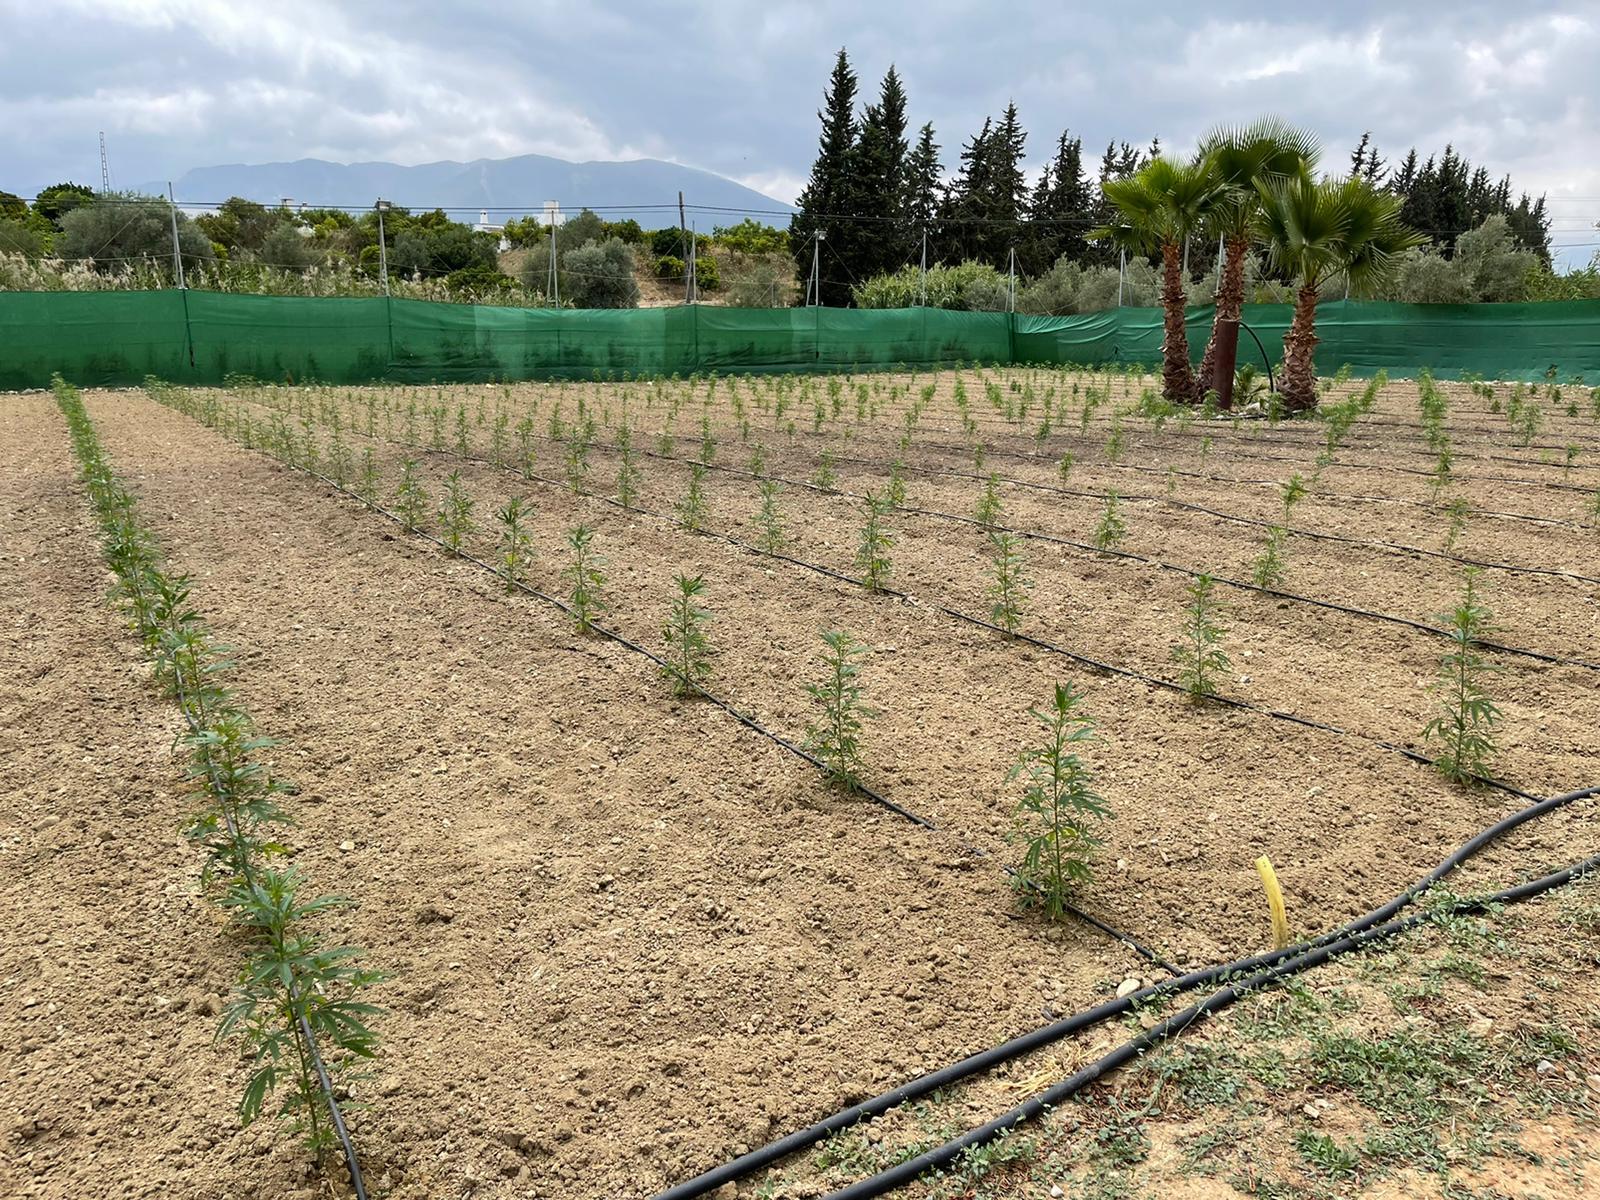 2021-06-20-DrugsInc.-posjeta-CBD-Farma-u-Španjolskoj-Želimo-profesionalizirati-cbd-industriju